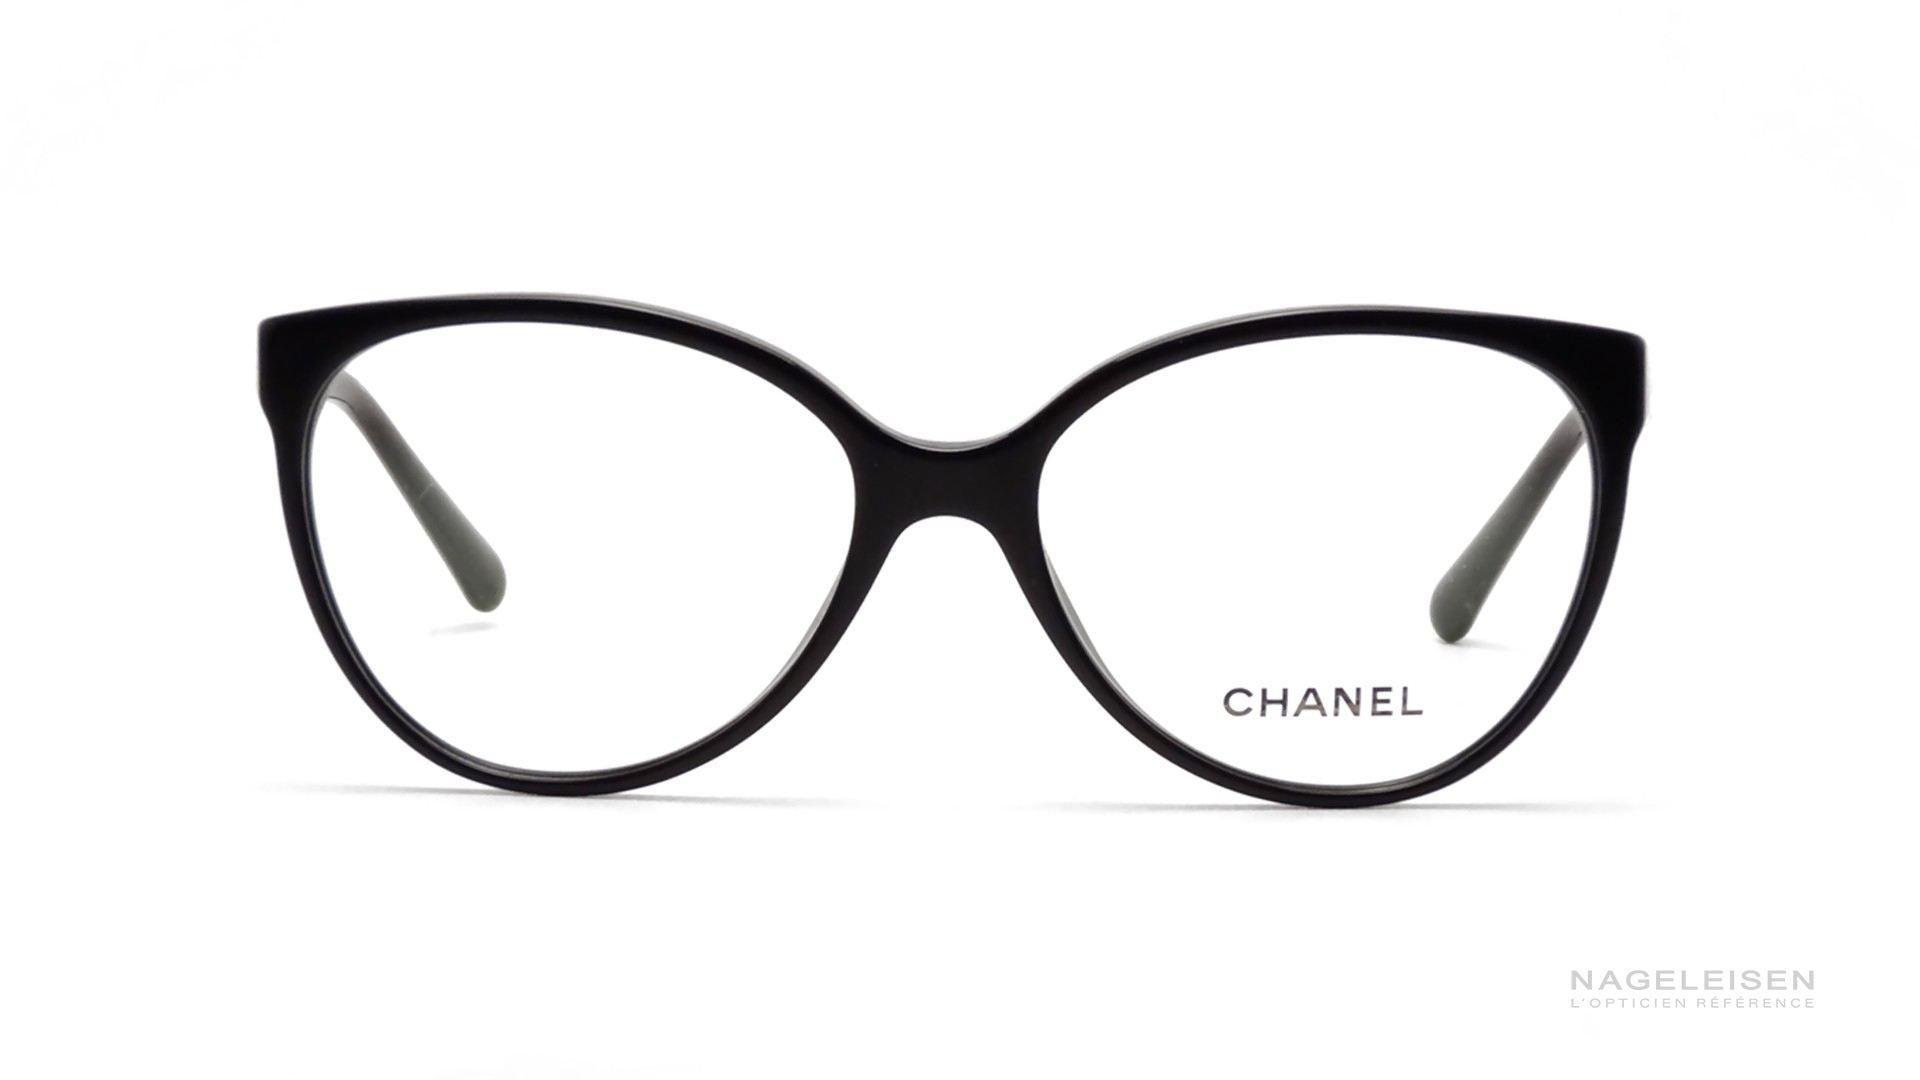 884a72b36647 Les Lunettes de Vue Chanel Signature CH 3312 Noir CH3312 1503 55-16 ...